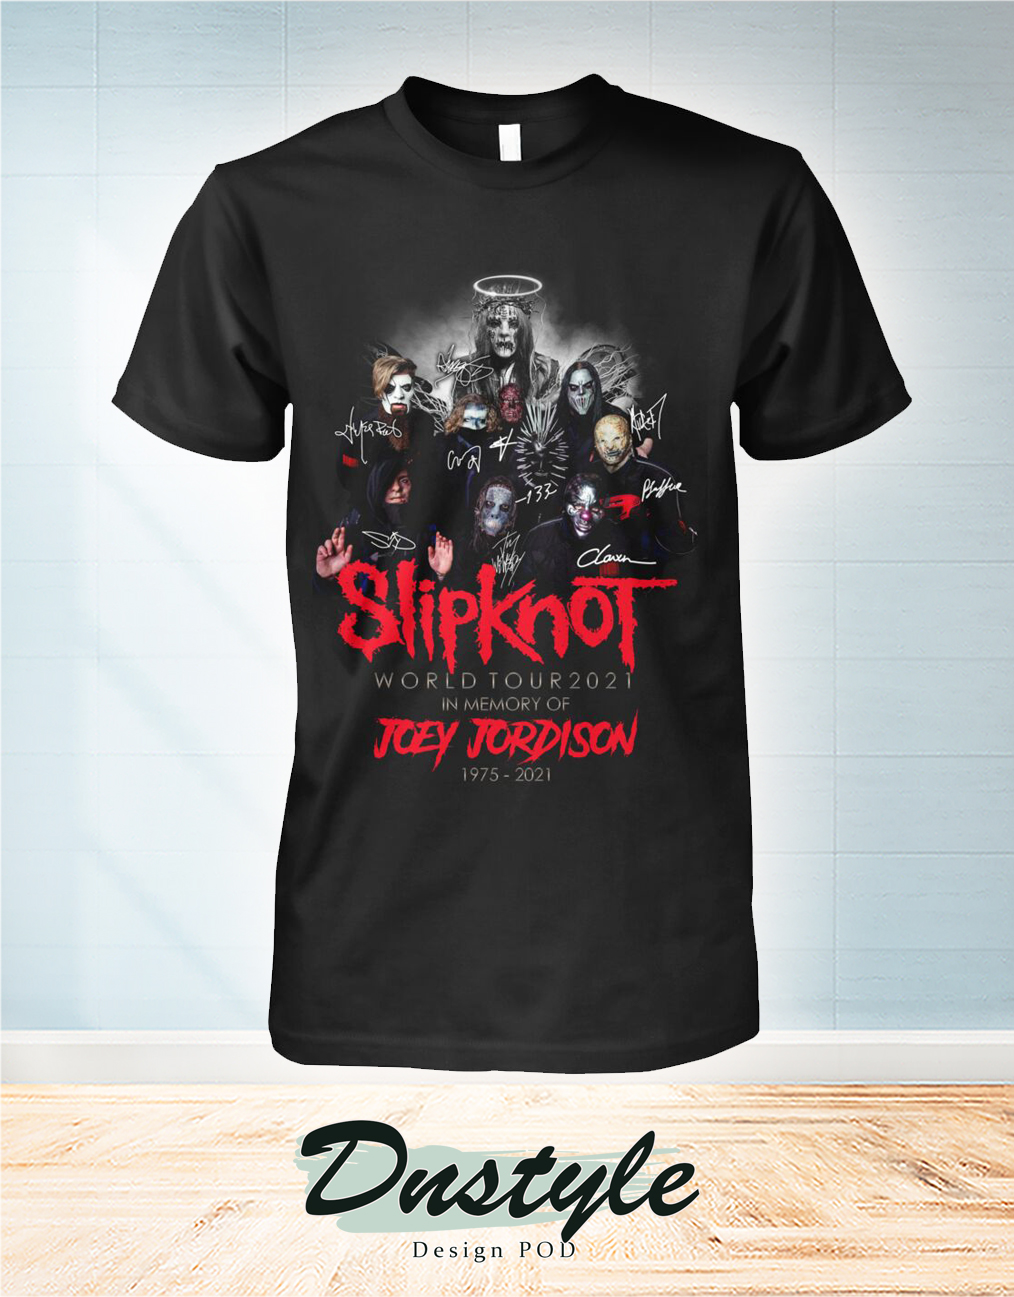 Slipknot world tour 2021 in memory of Joey Jordison 1975 2021 shirt